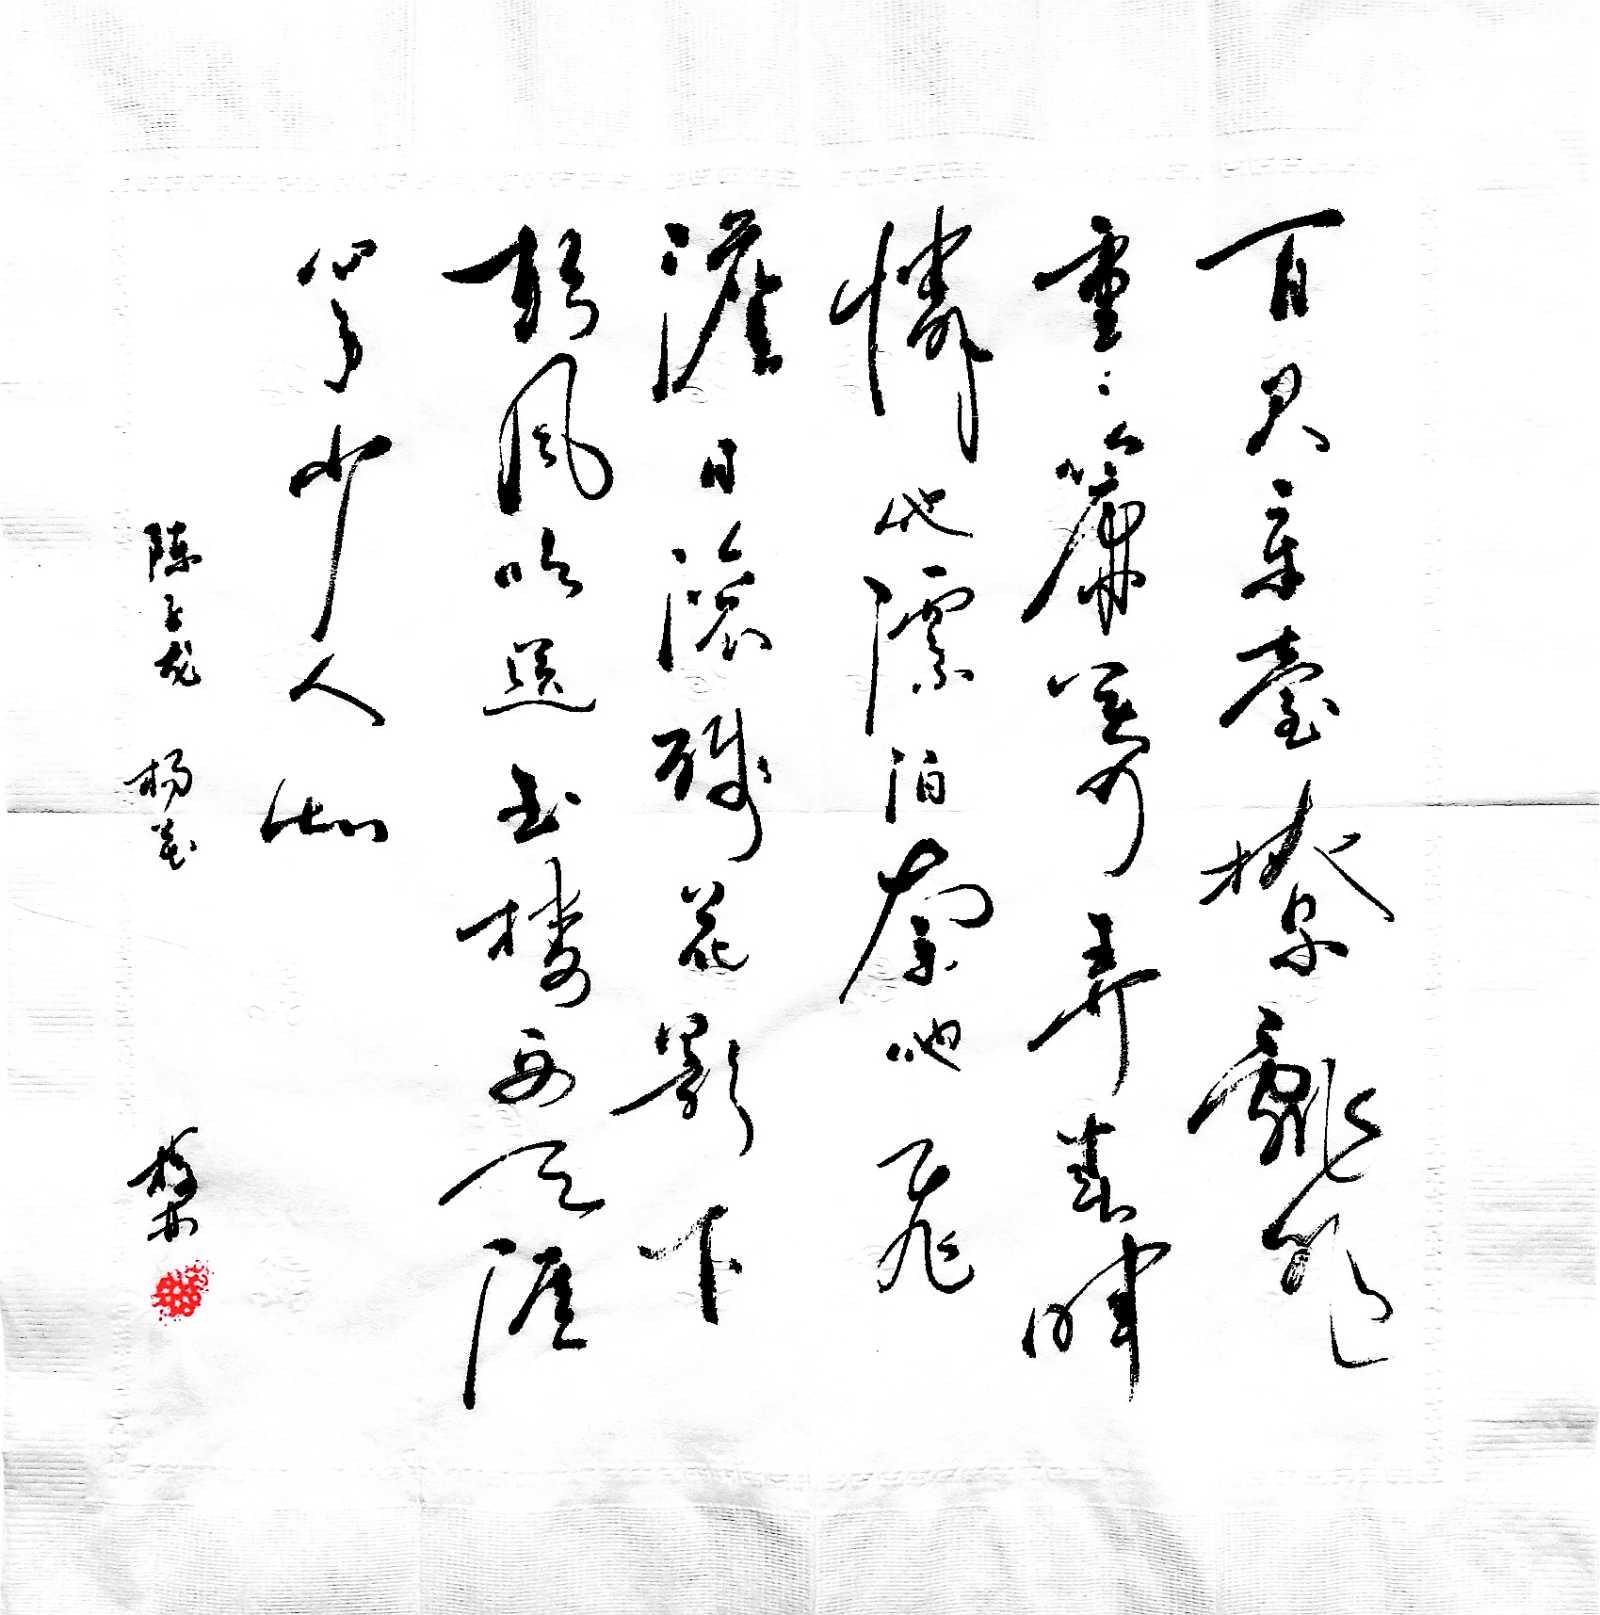 陈子龙 浣溪沙 杨花.jpg